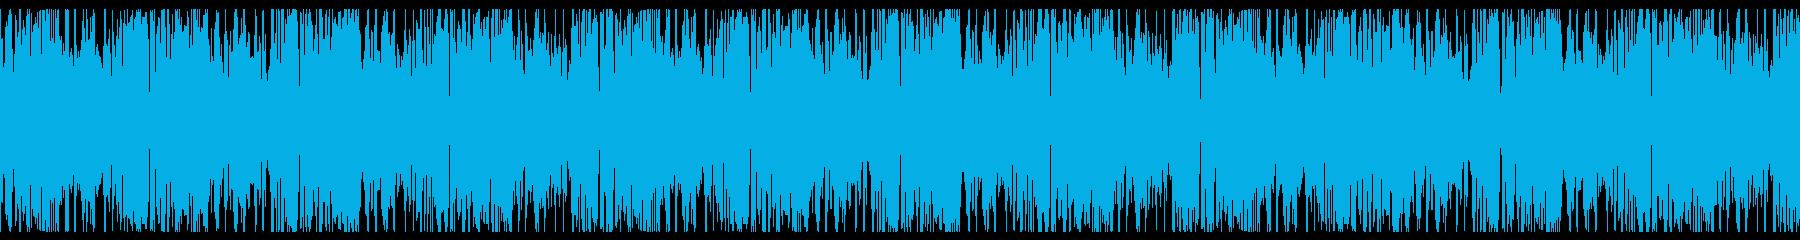 ハードなかっこいいEDM系の再生済みの波形